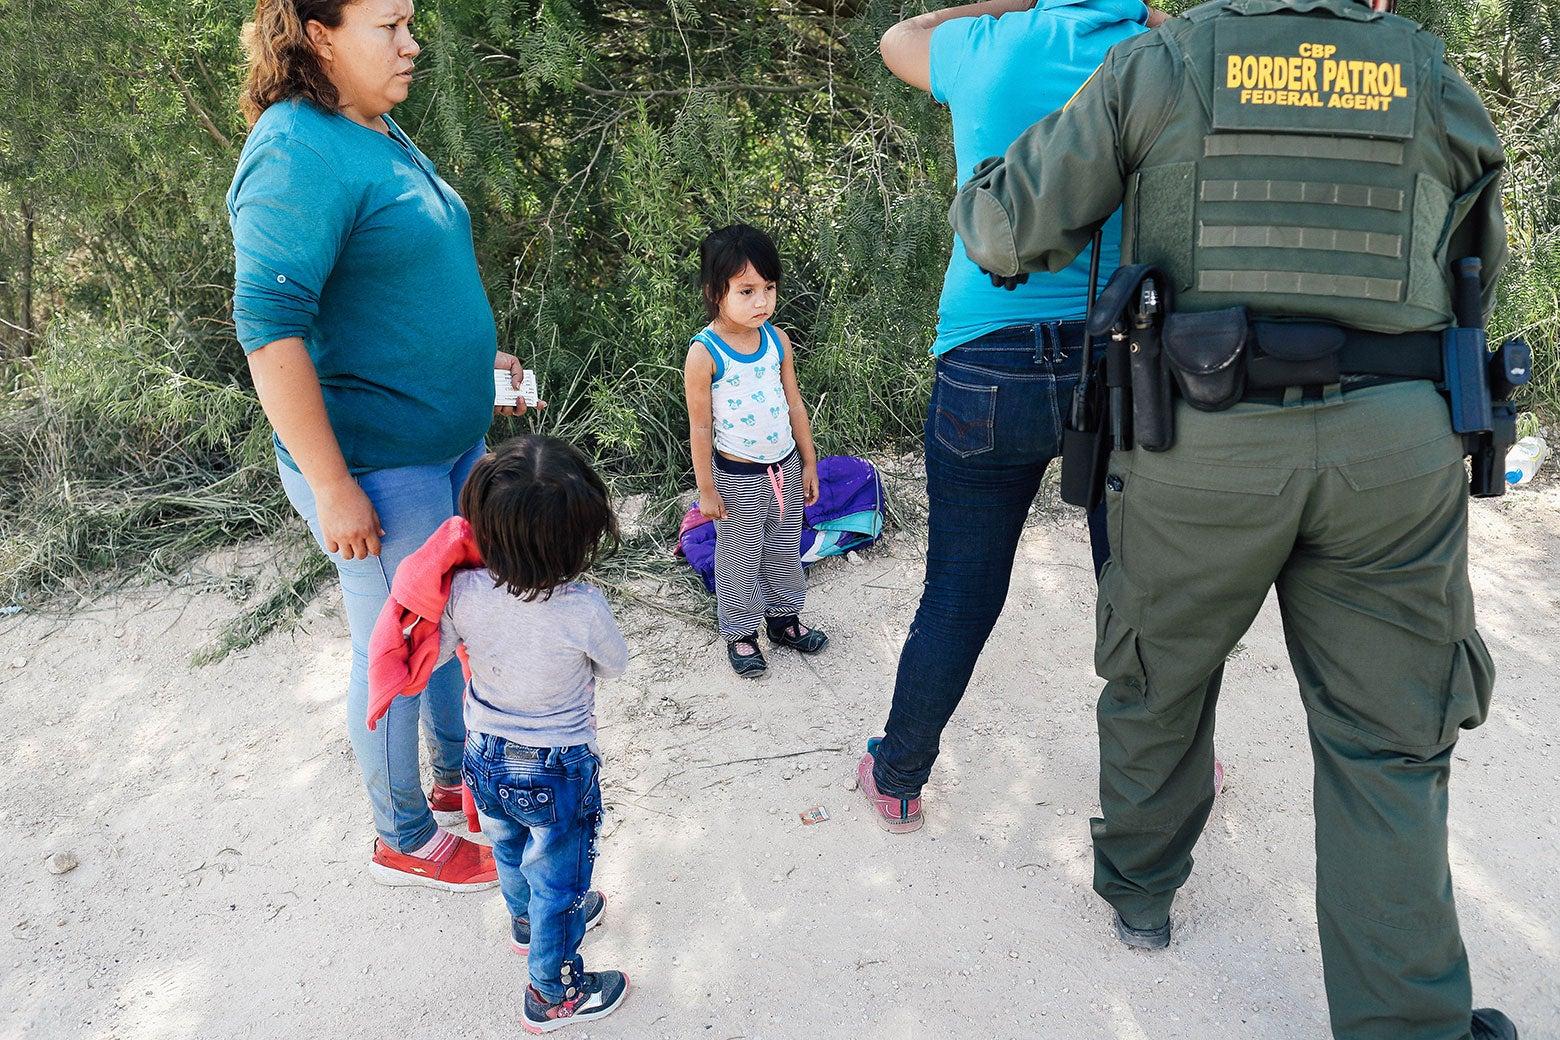 Little kids watch as Border Patrol agents take asylum seekers into custody